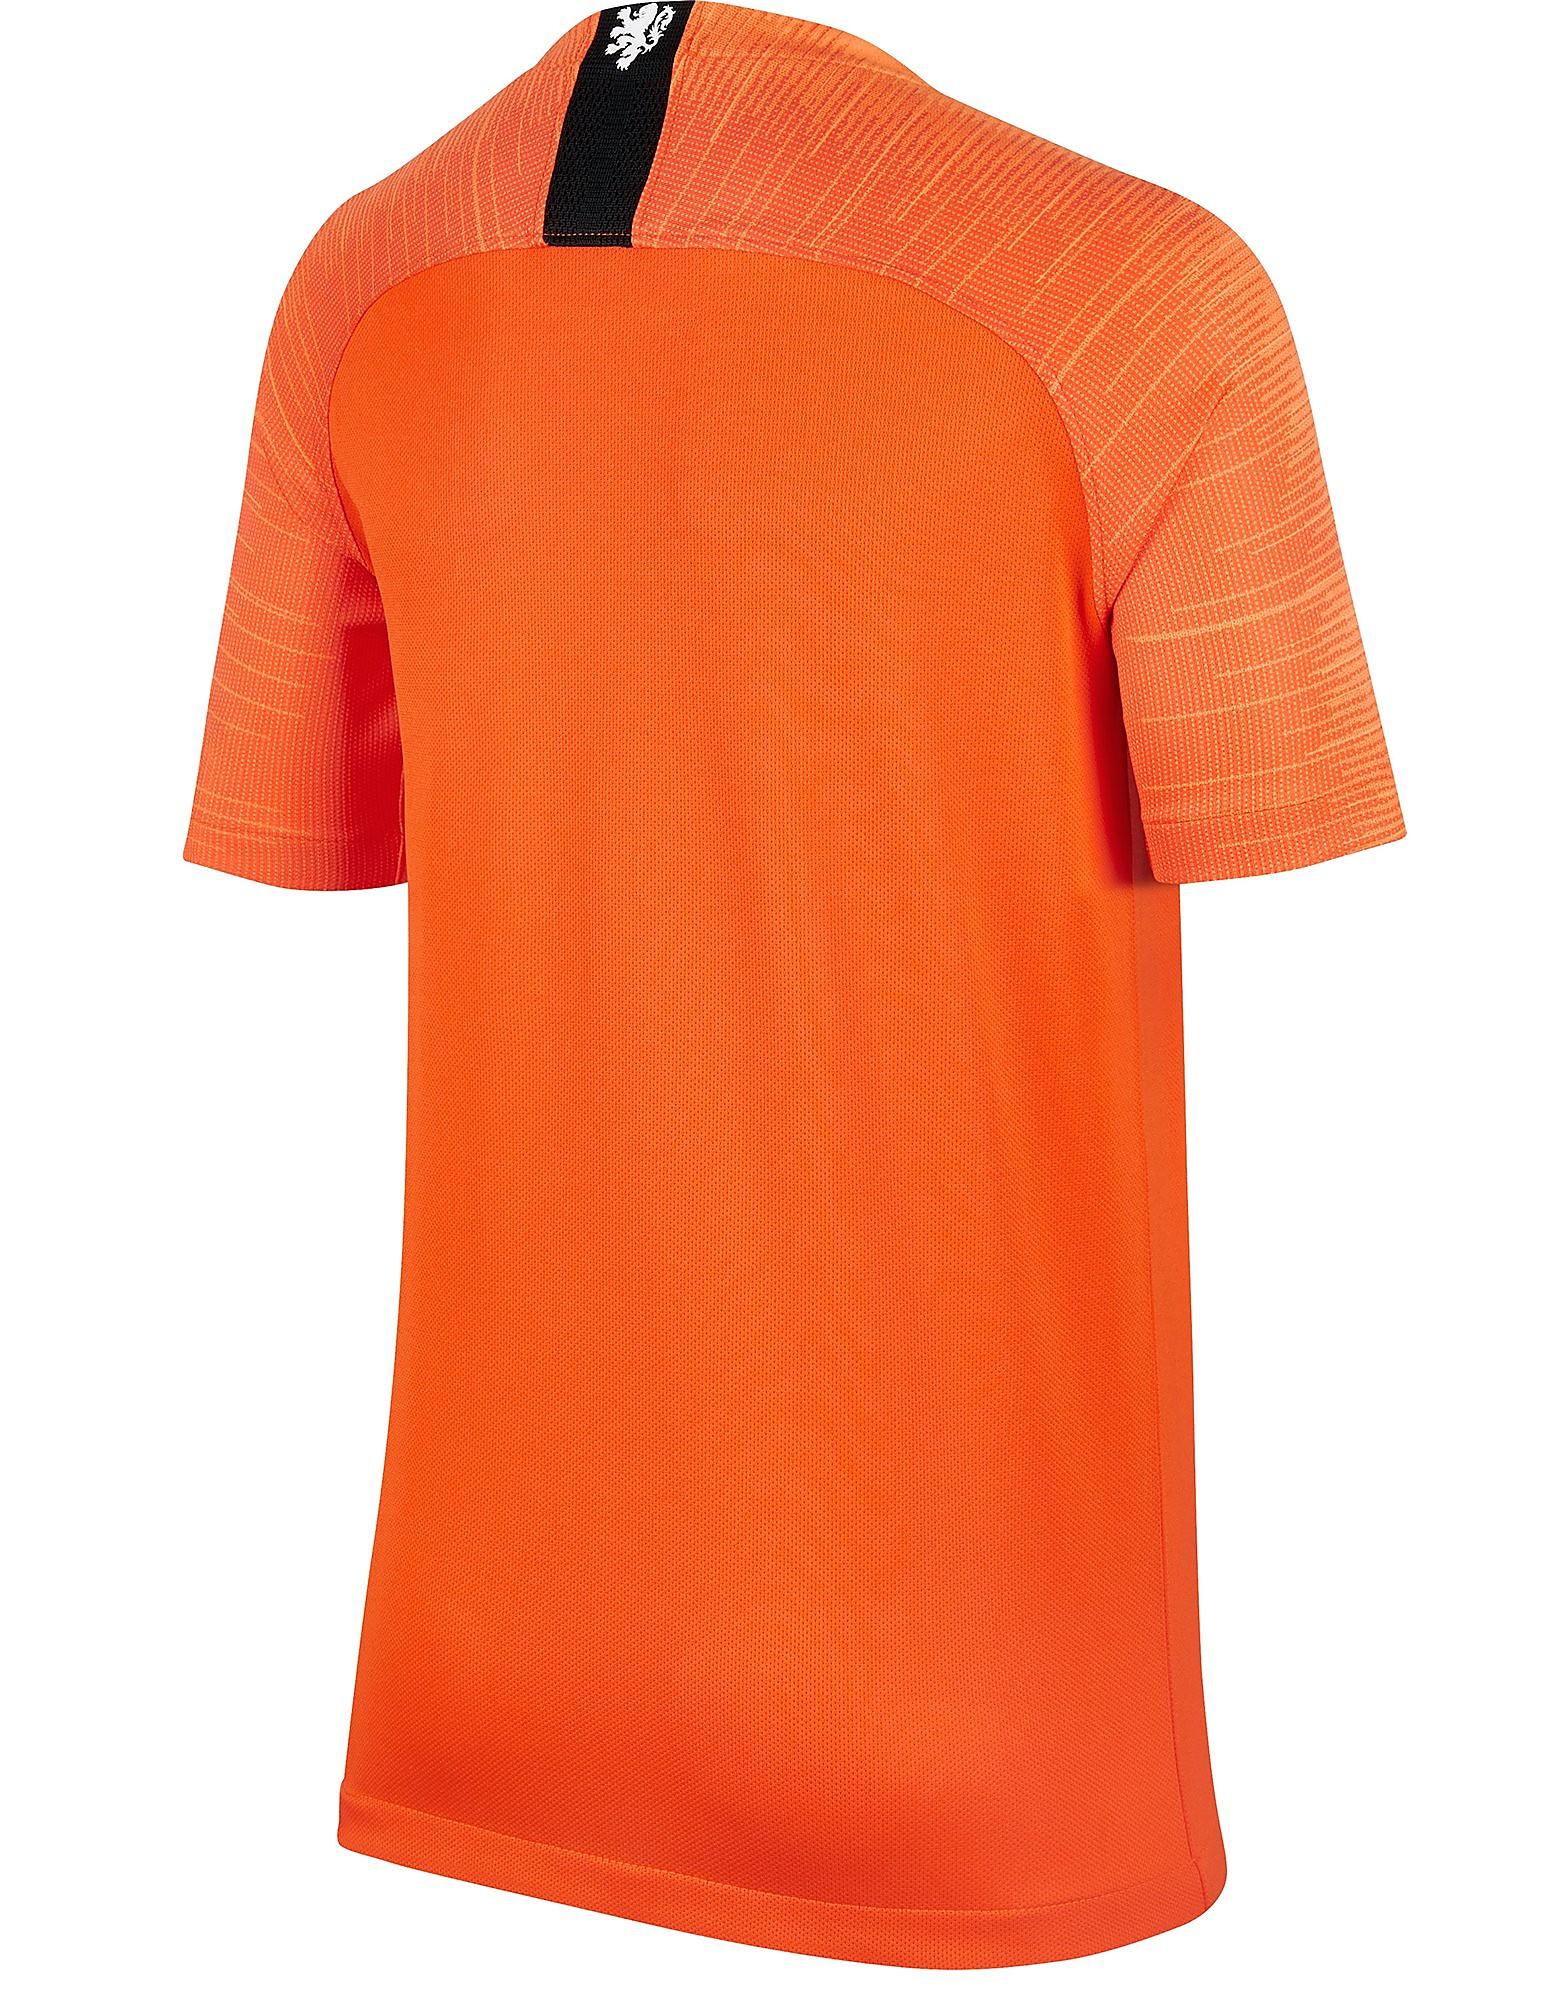 Nike Holland 2018 Home Shirt Junior